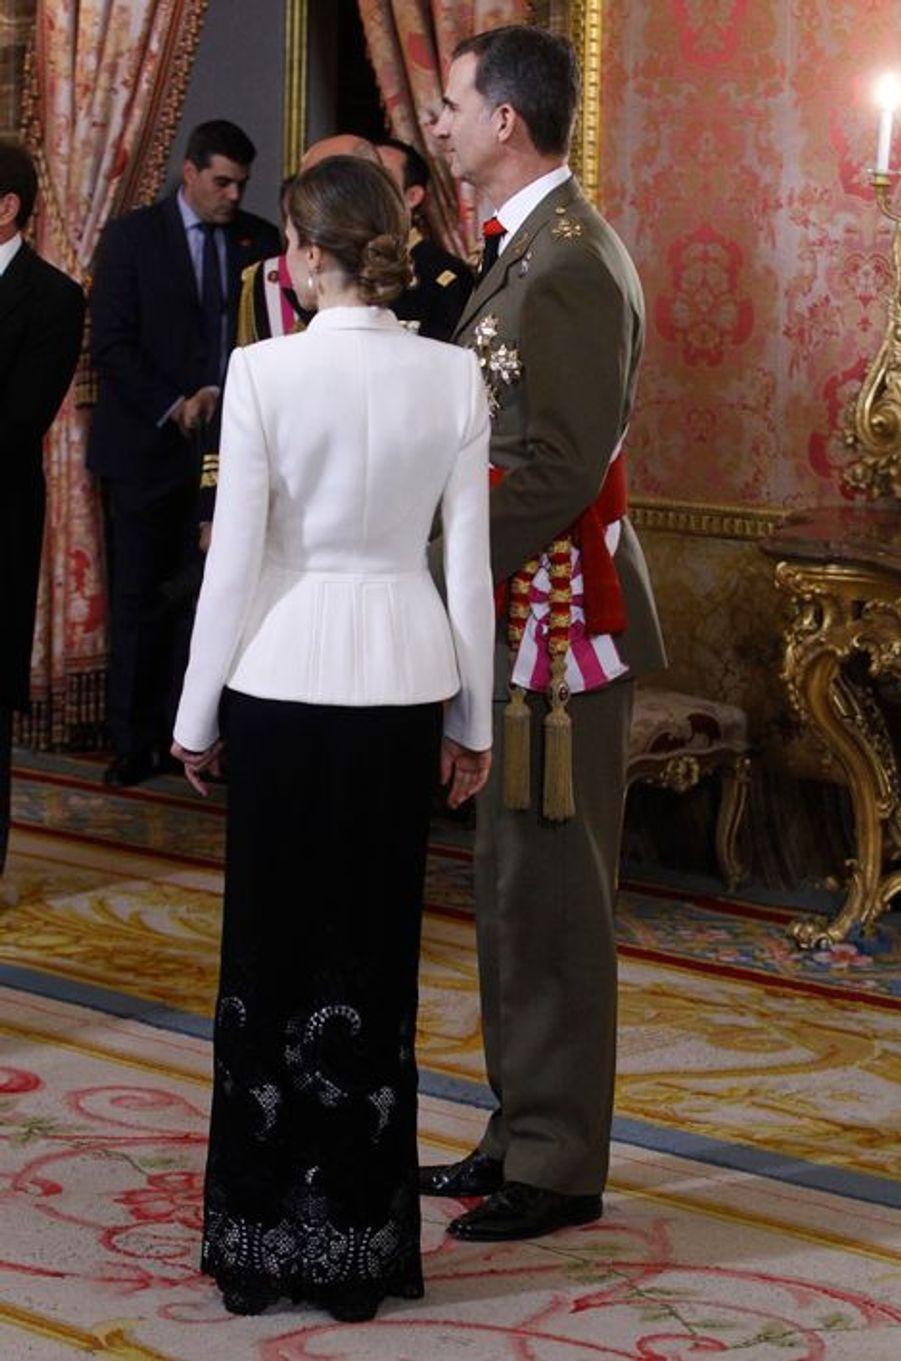 La reine Letizia et le roi Felipe VI d'Espagne au Palais royal à Madrid, le 6 janvier 2016